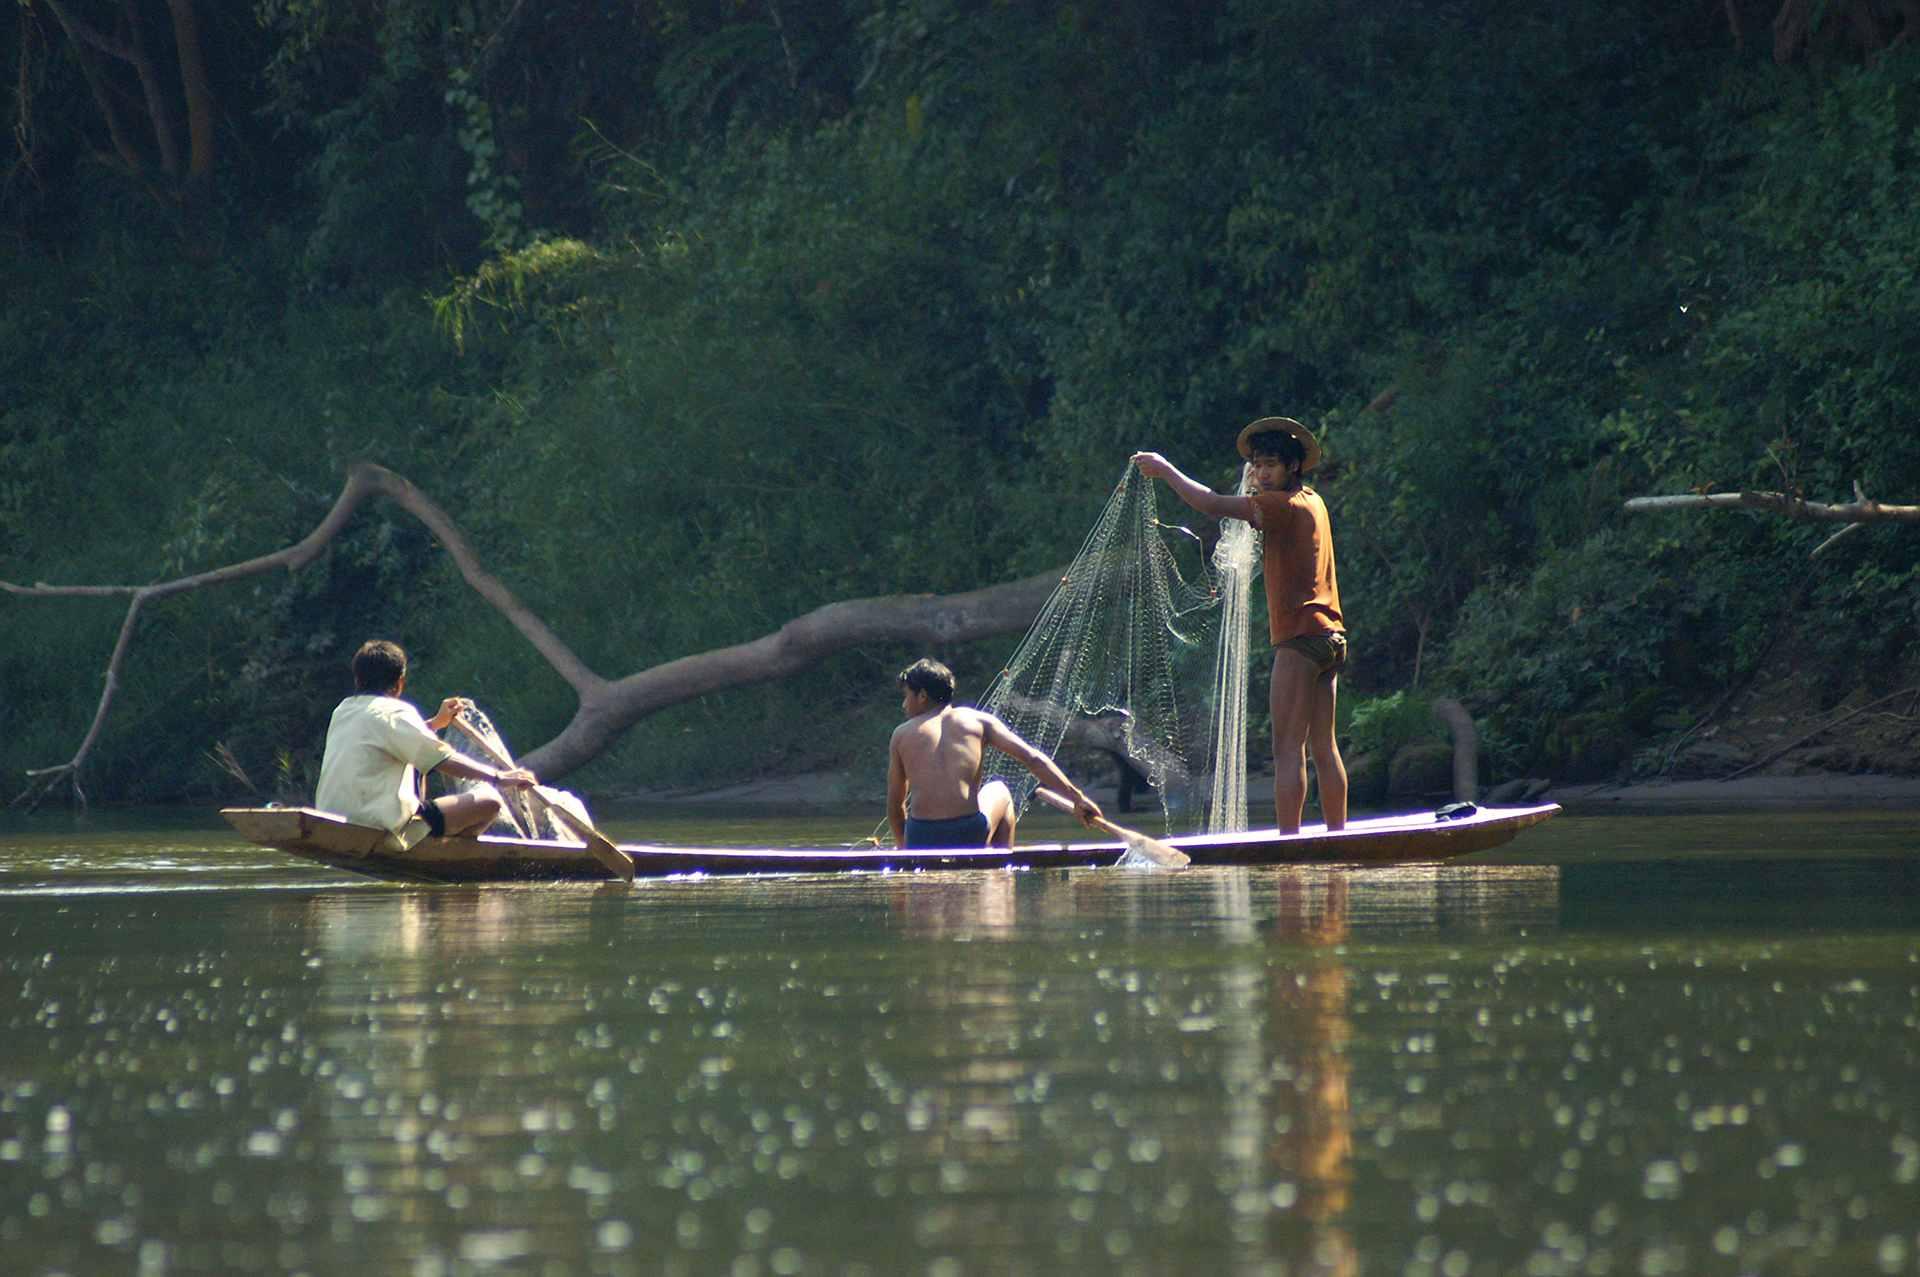 local people fishing